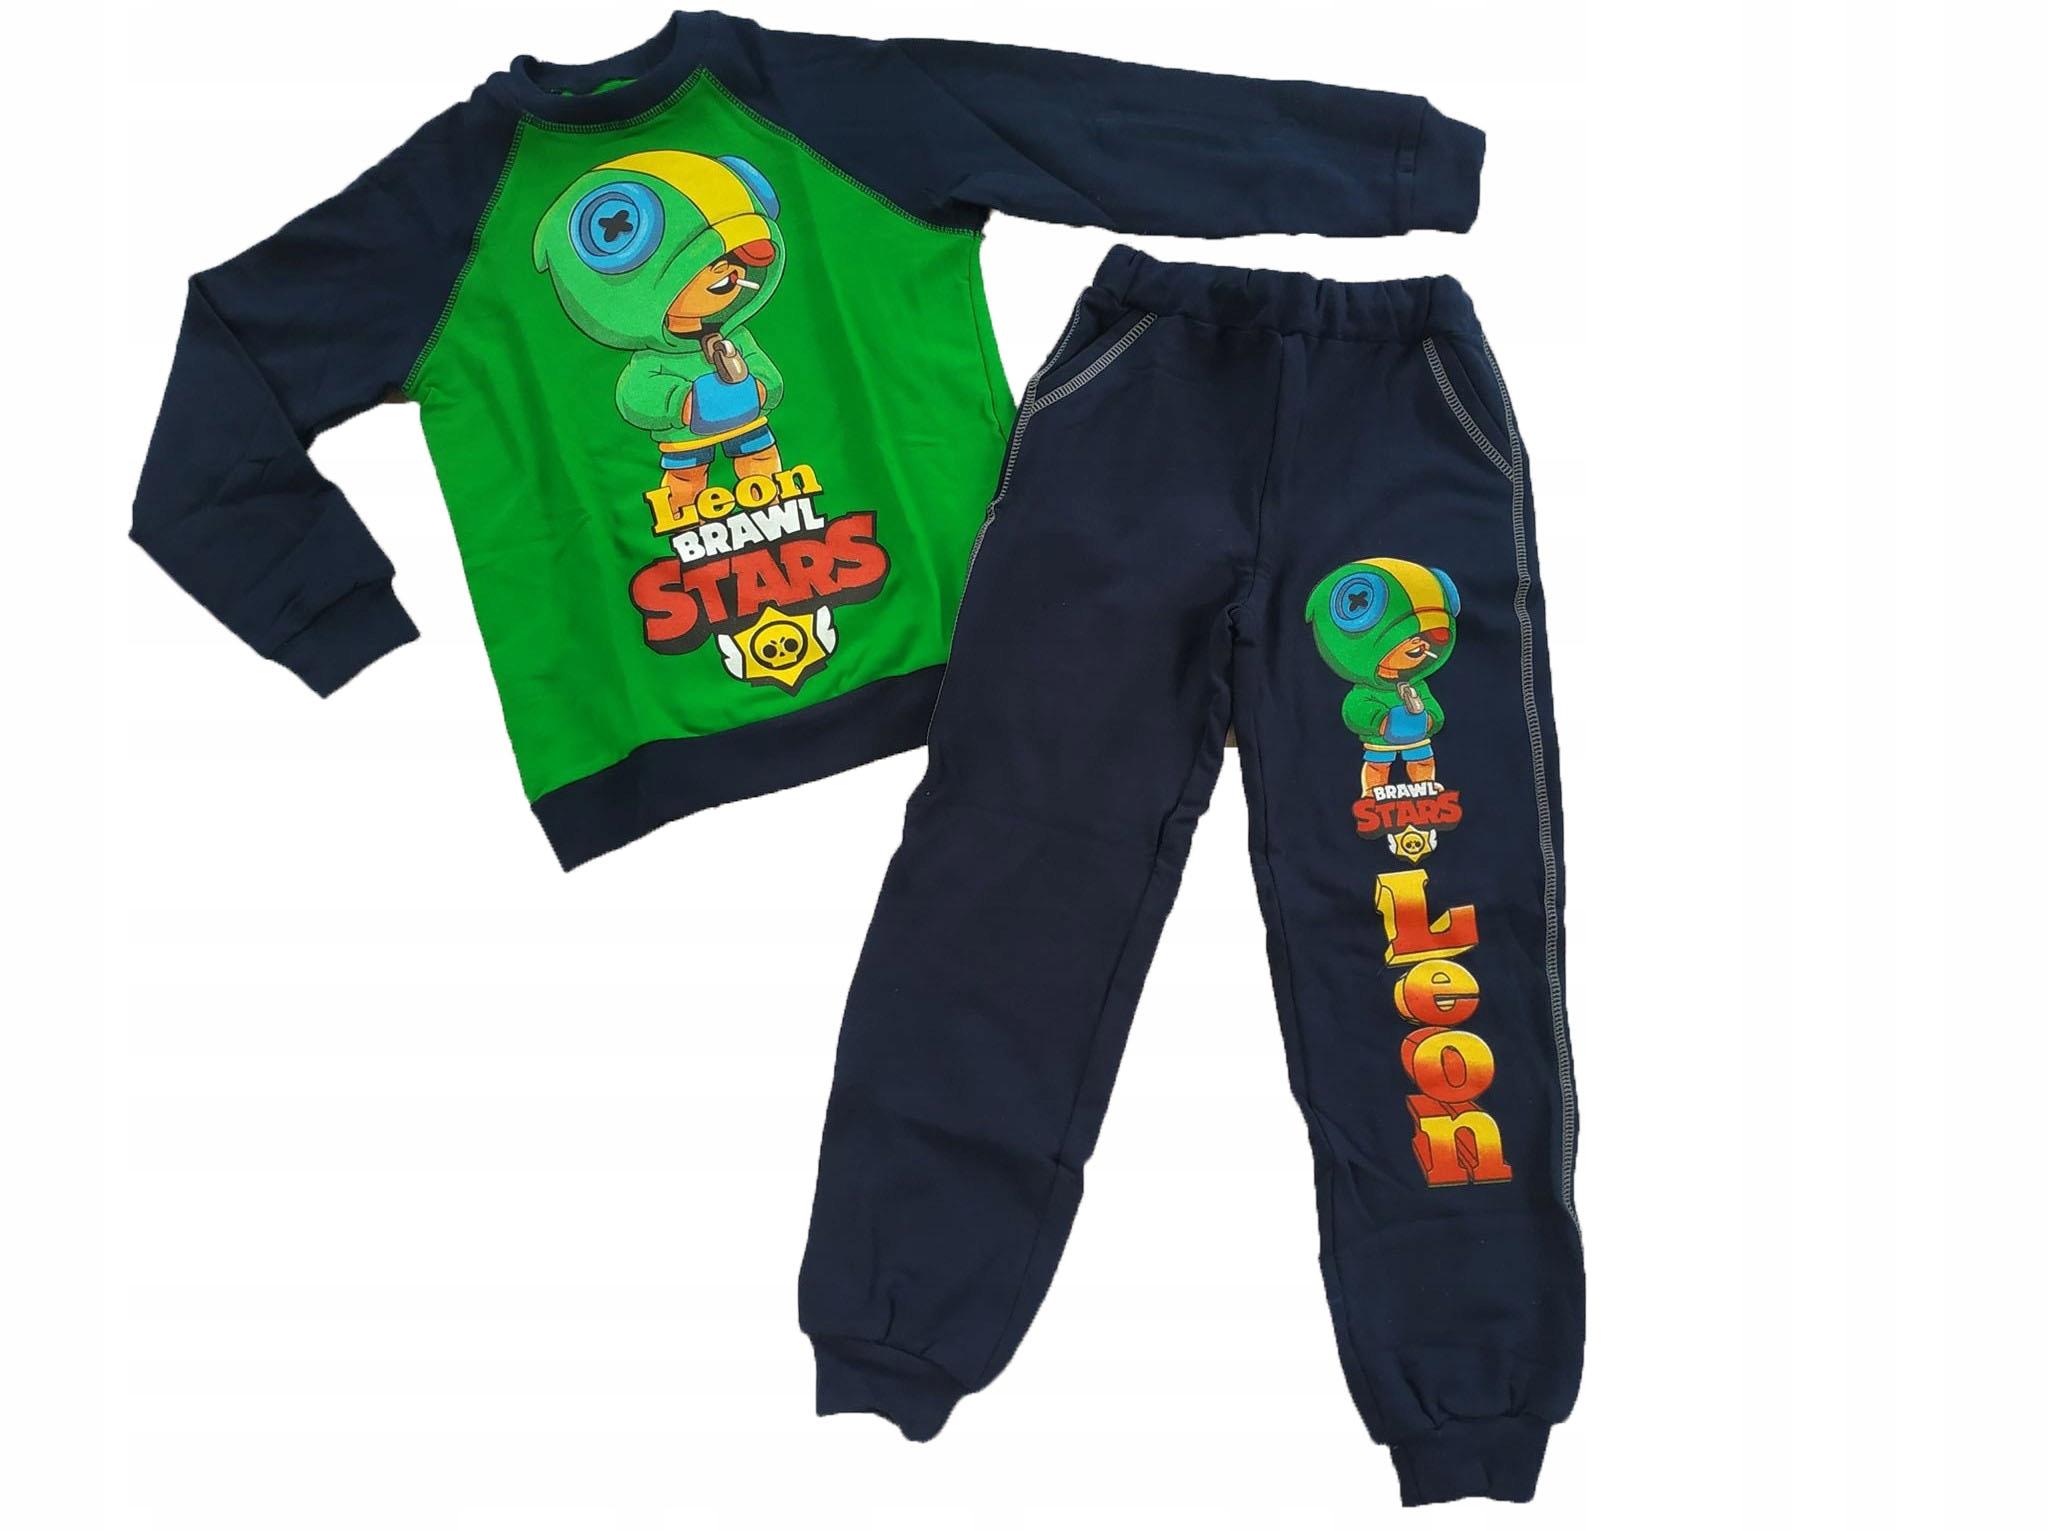 Tepláková súprava tepláková súprava nohavice LEON BRAWL STARS 116 PL